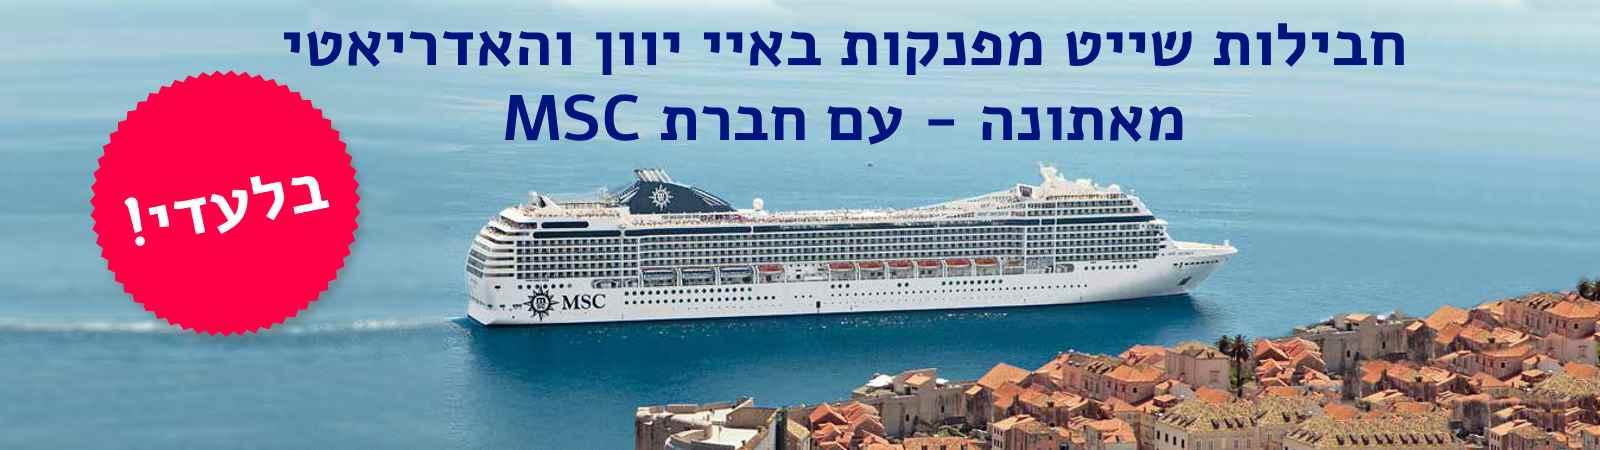 שייט יוון MSC קיץ 2019